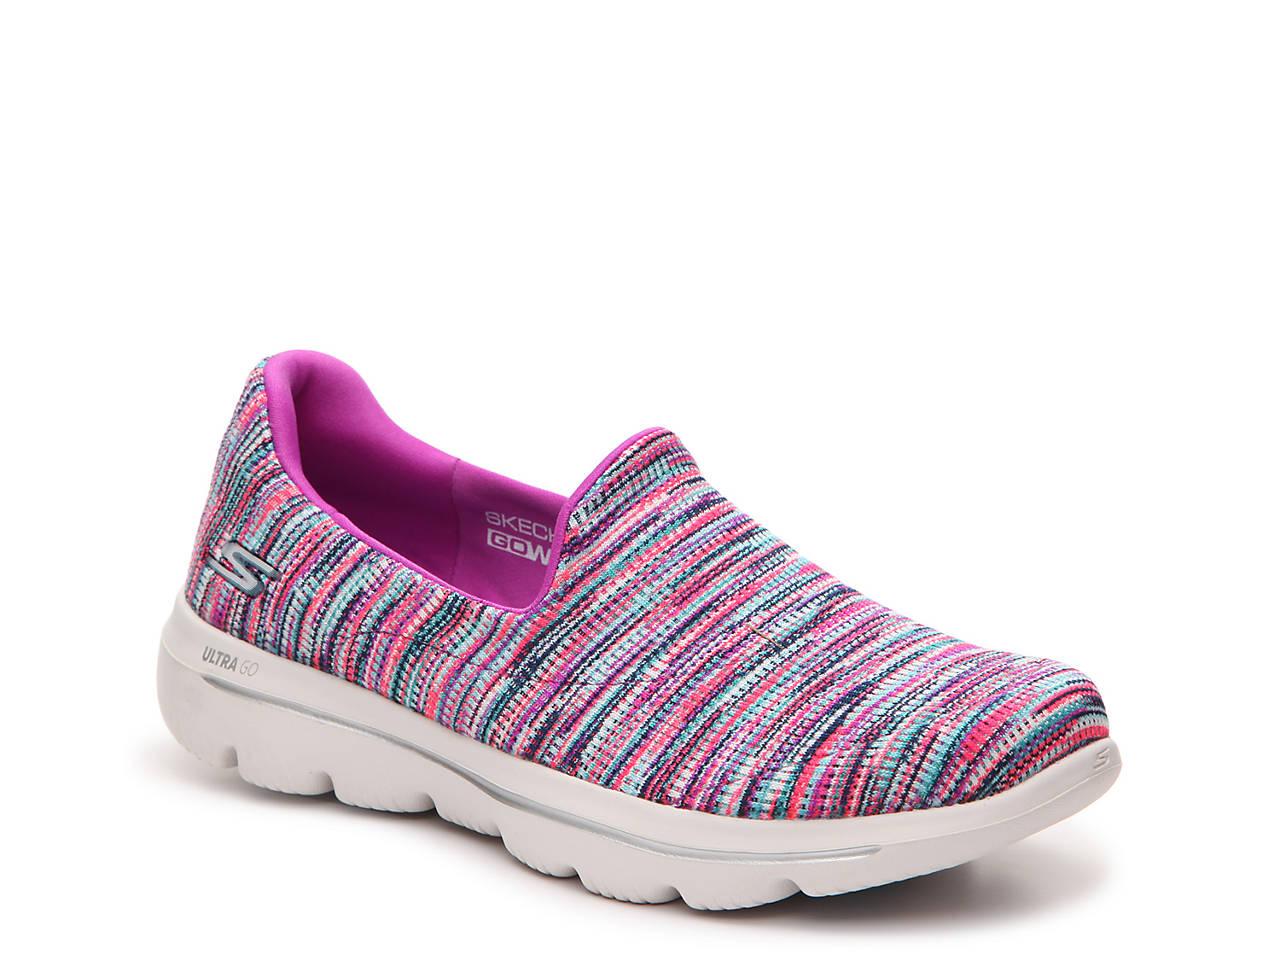 6e54ec896d3 GOwalk Evolution Ultra Frenzied Slip-On Sneaker - Women's